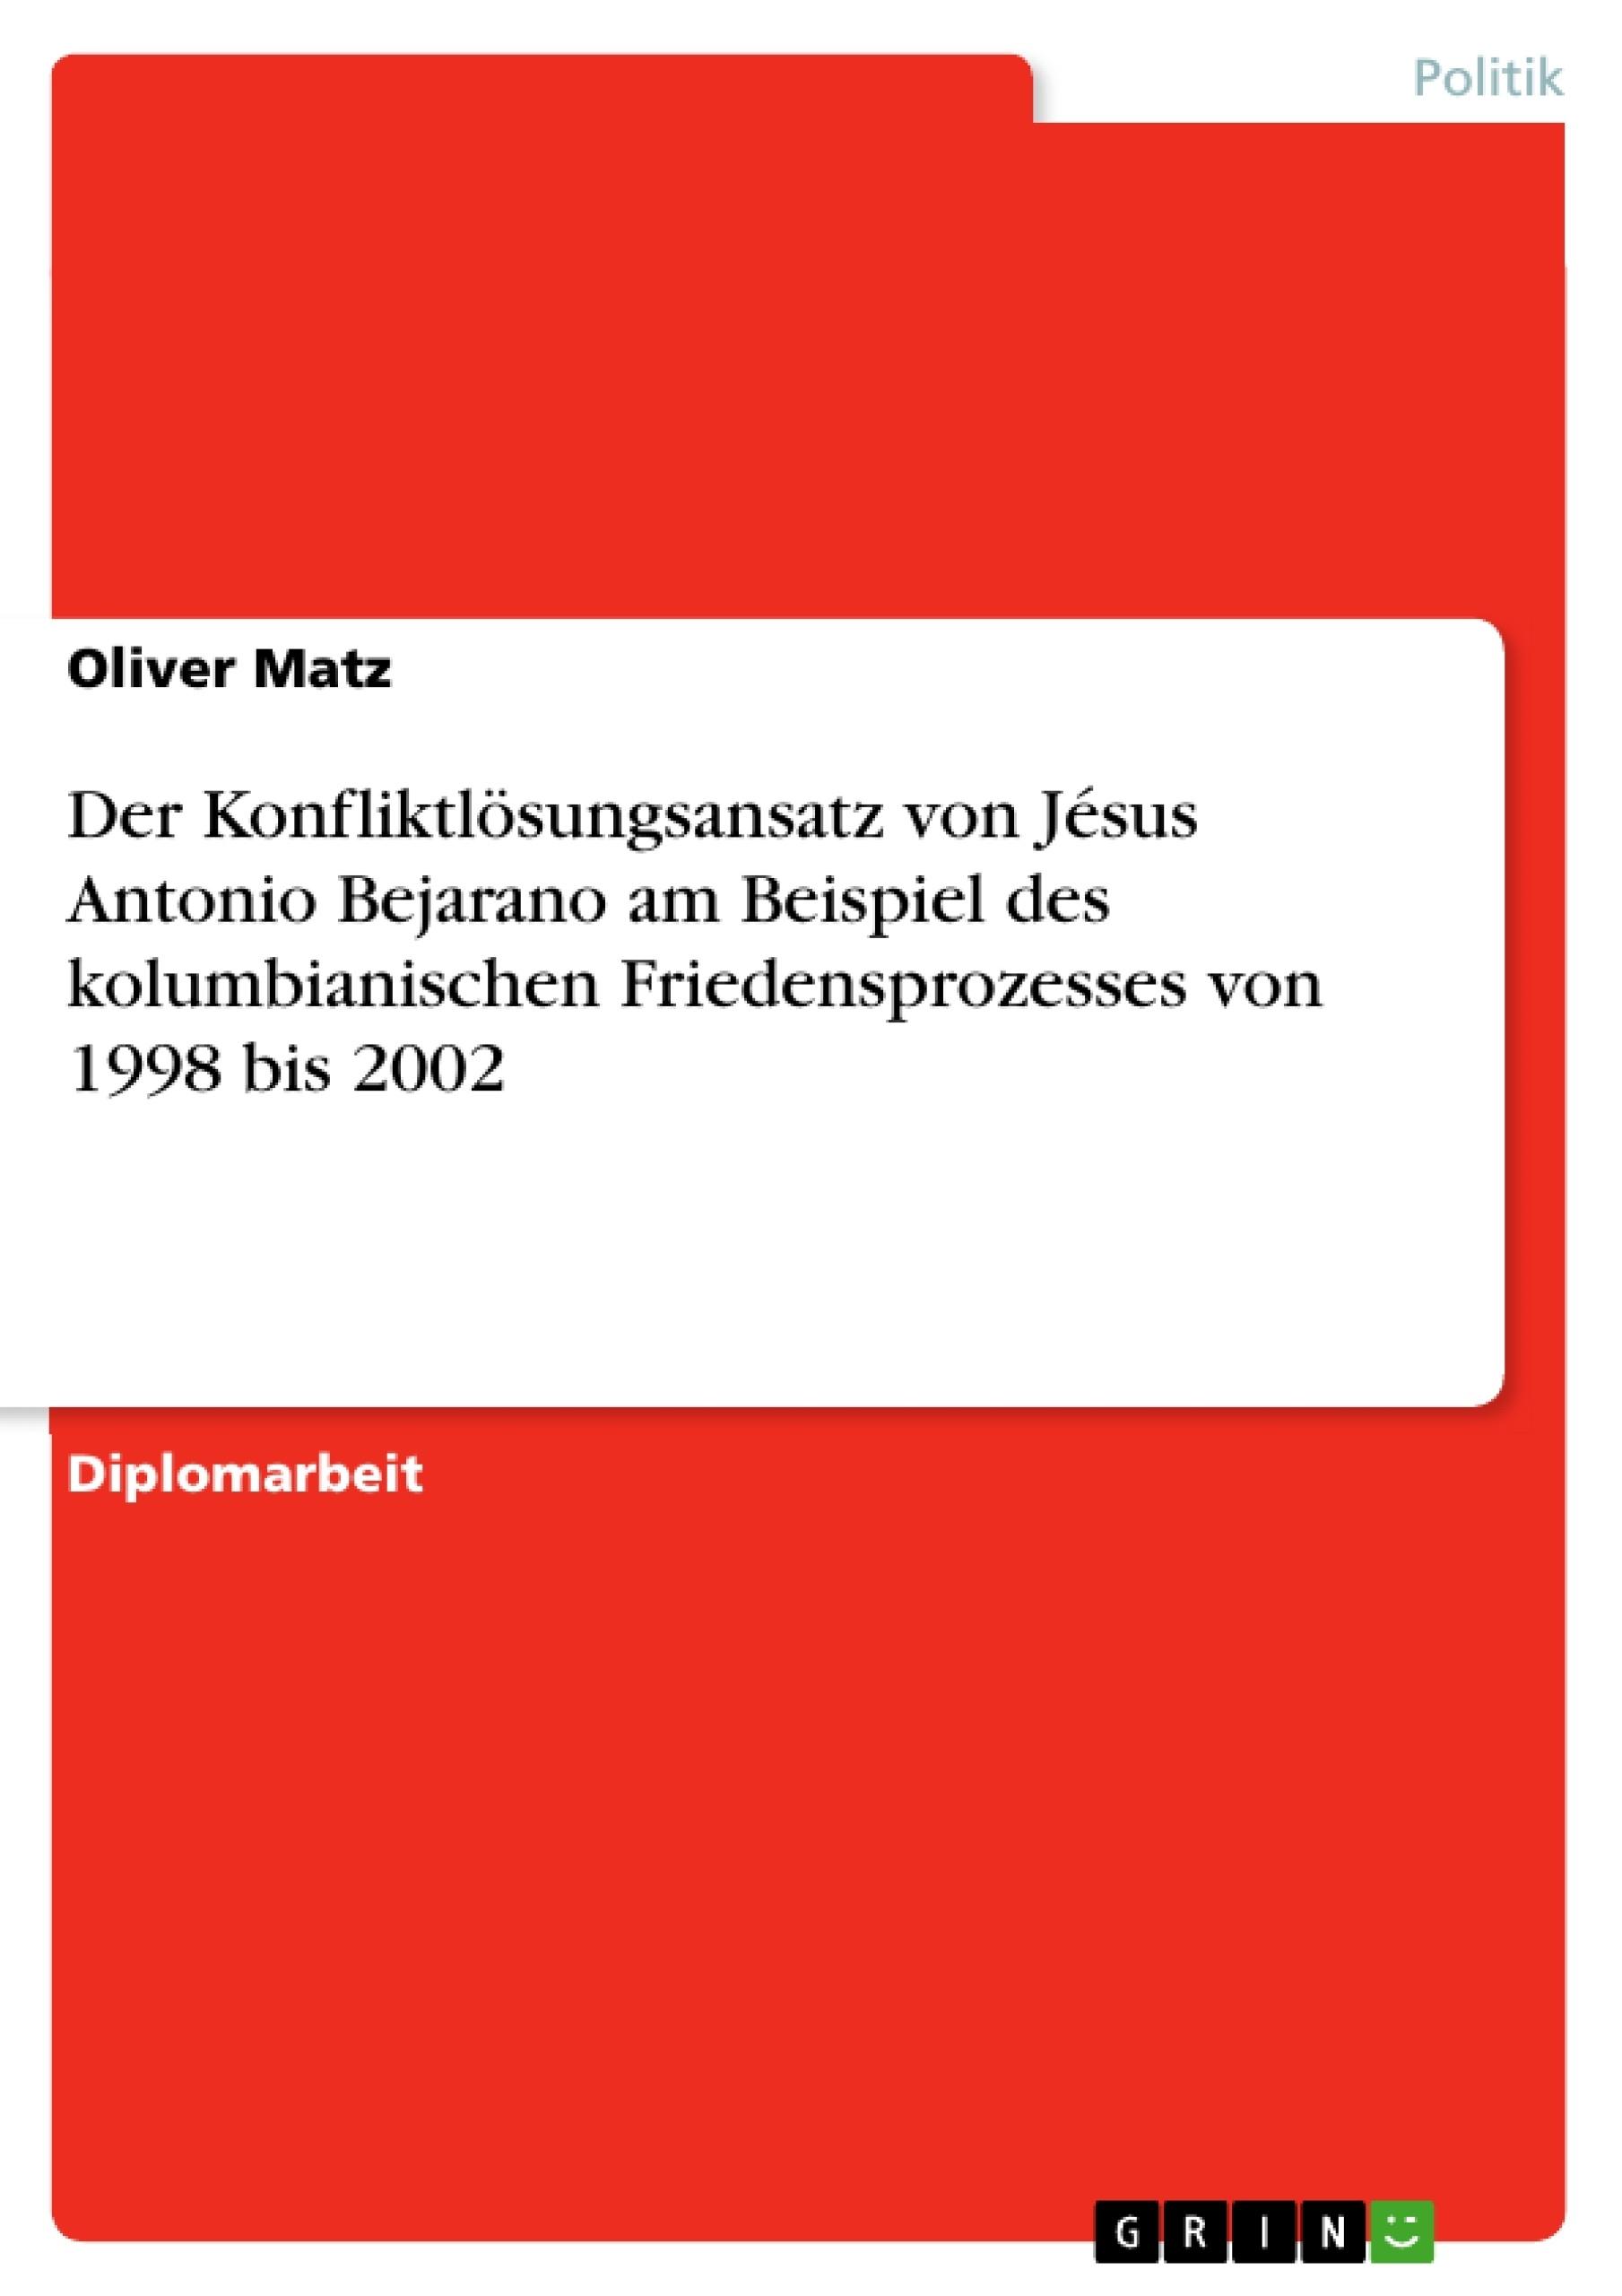 Titel: Der Konfliktlösungsansatz von Jésus Antonio Bejarano am Beispiel des kolumbianischen Friedensprozesses von 1998 bis 2002